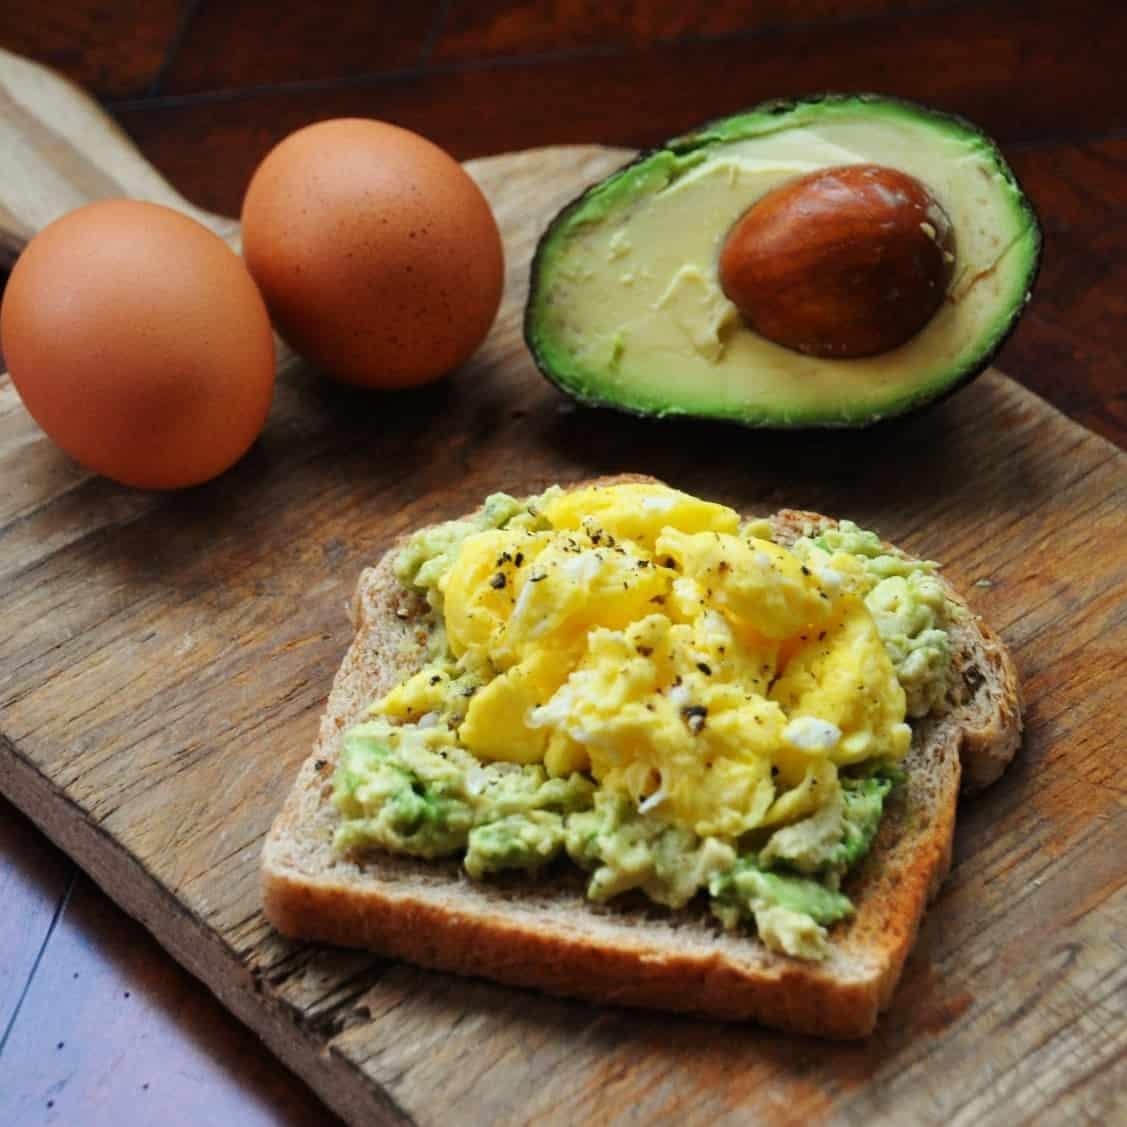 Foto: via alagraham.com